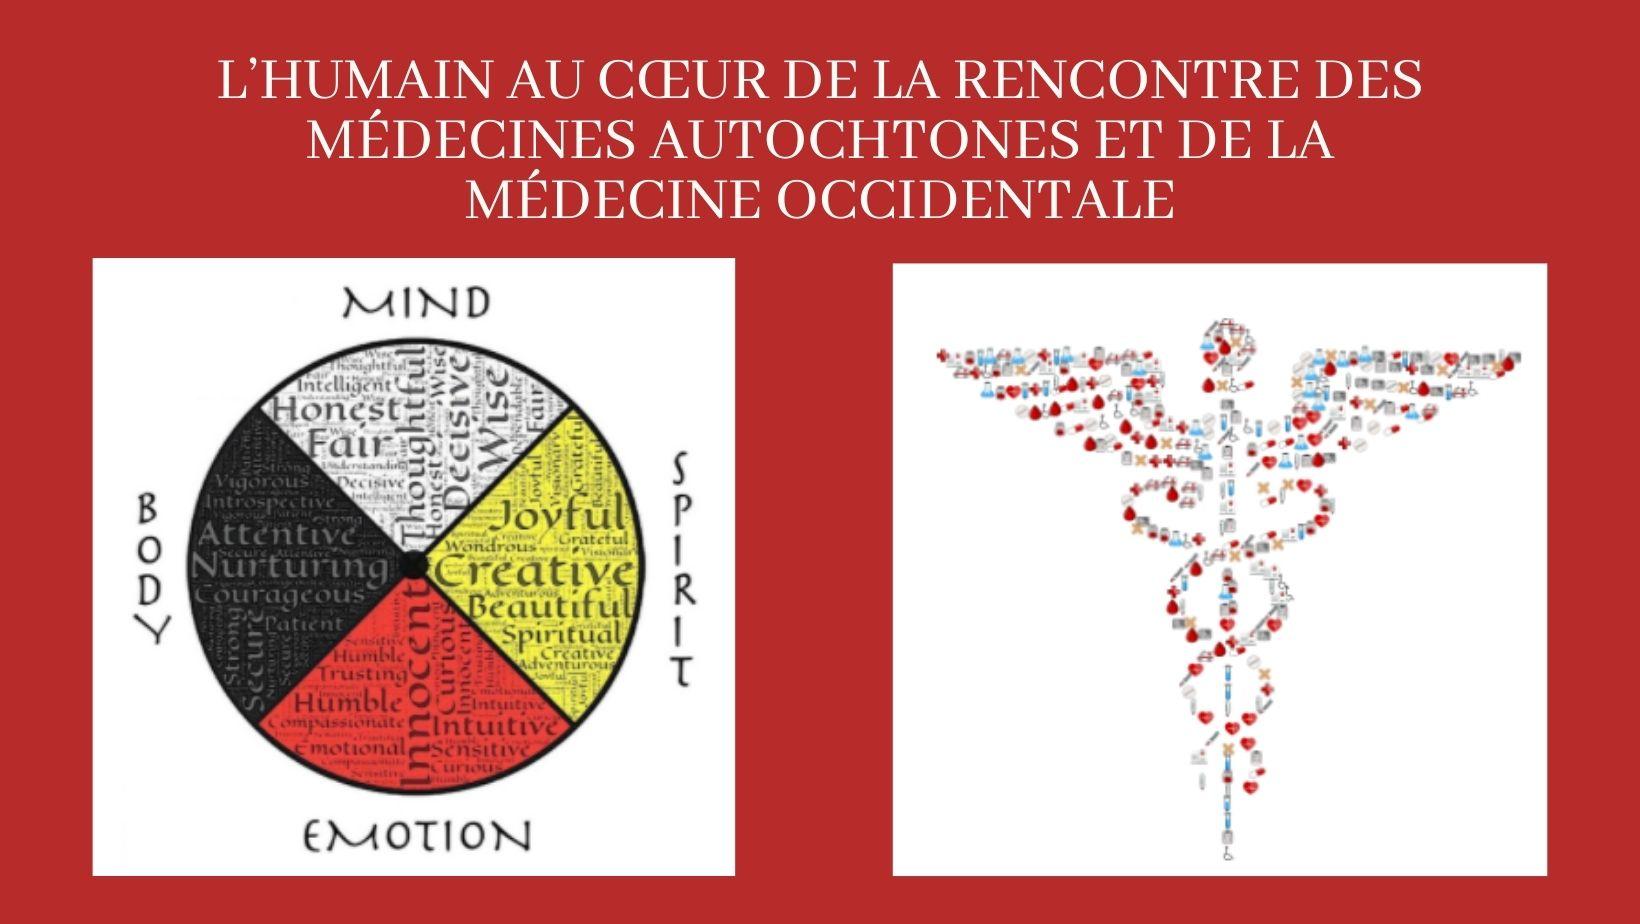 L'humain au coeur des médecines autochtones et occidentales